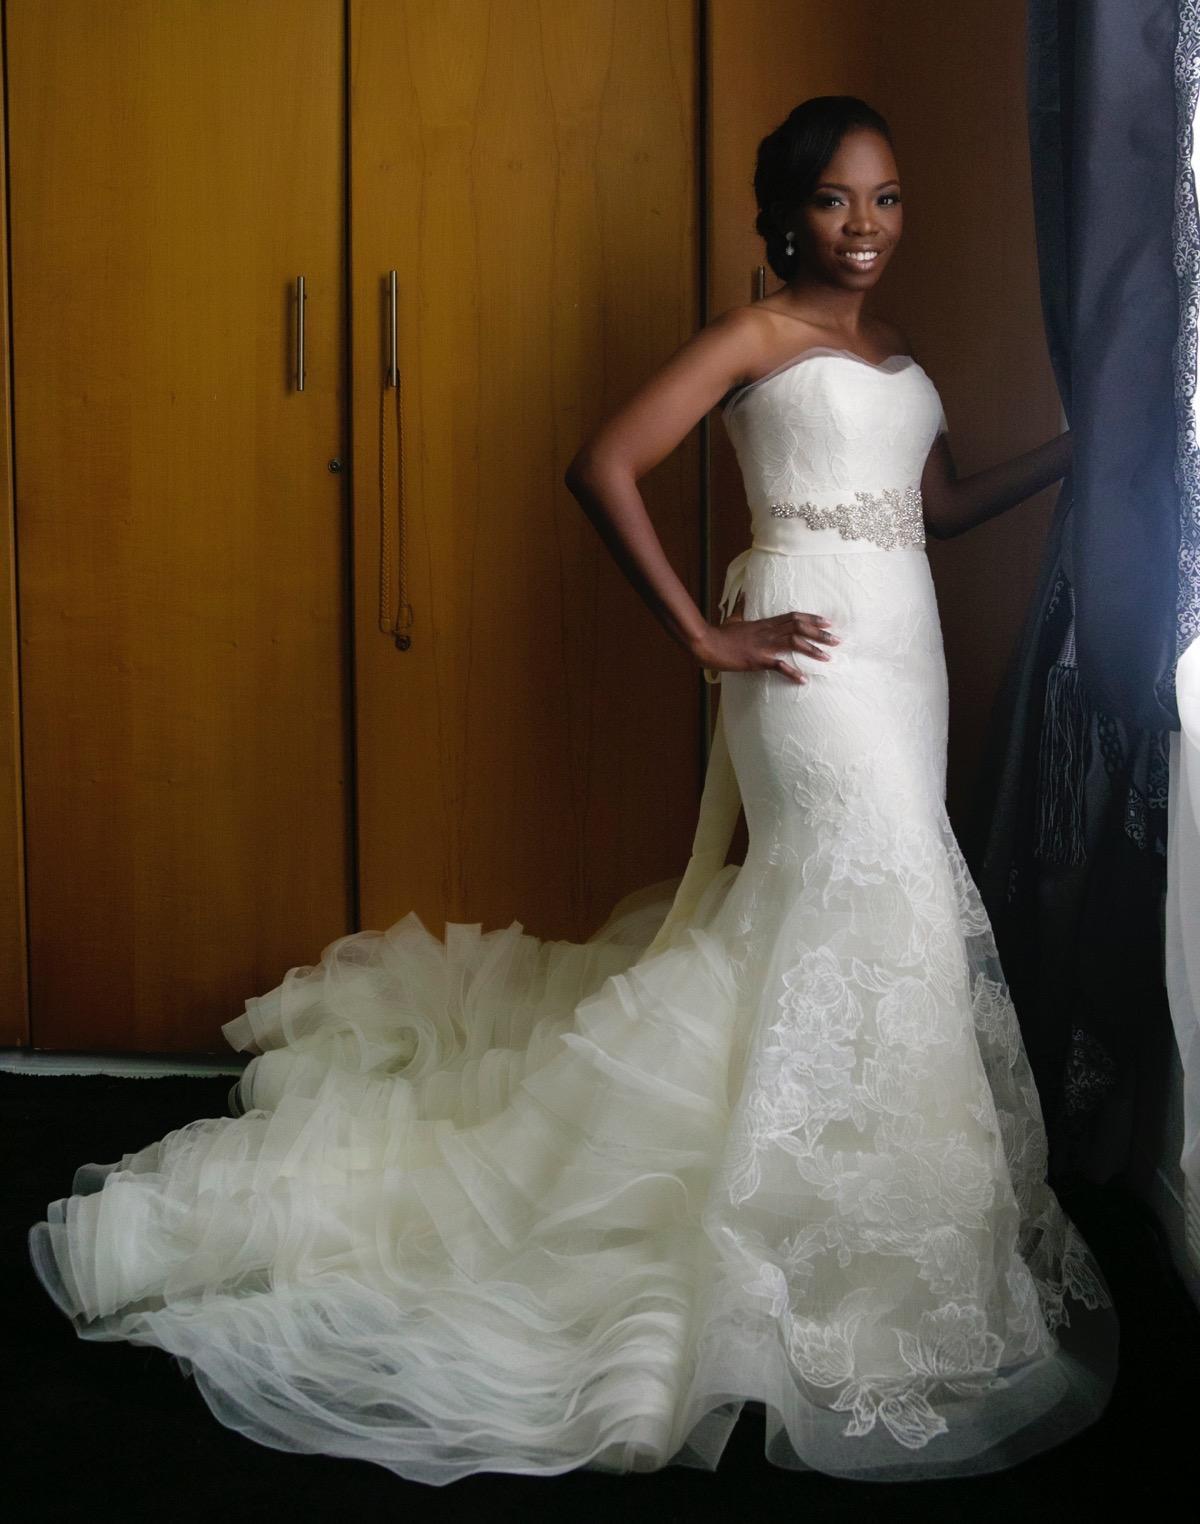 Slam2014 - Segi and Olamide Adedeji's Wedding in Ruby Gardens Nigeria 39